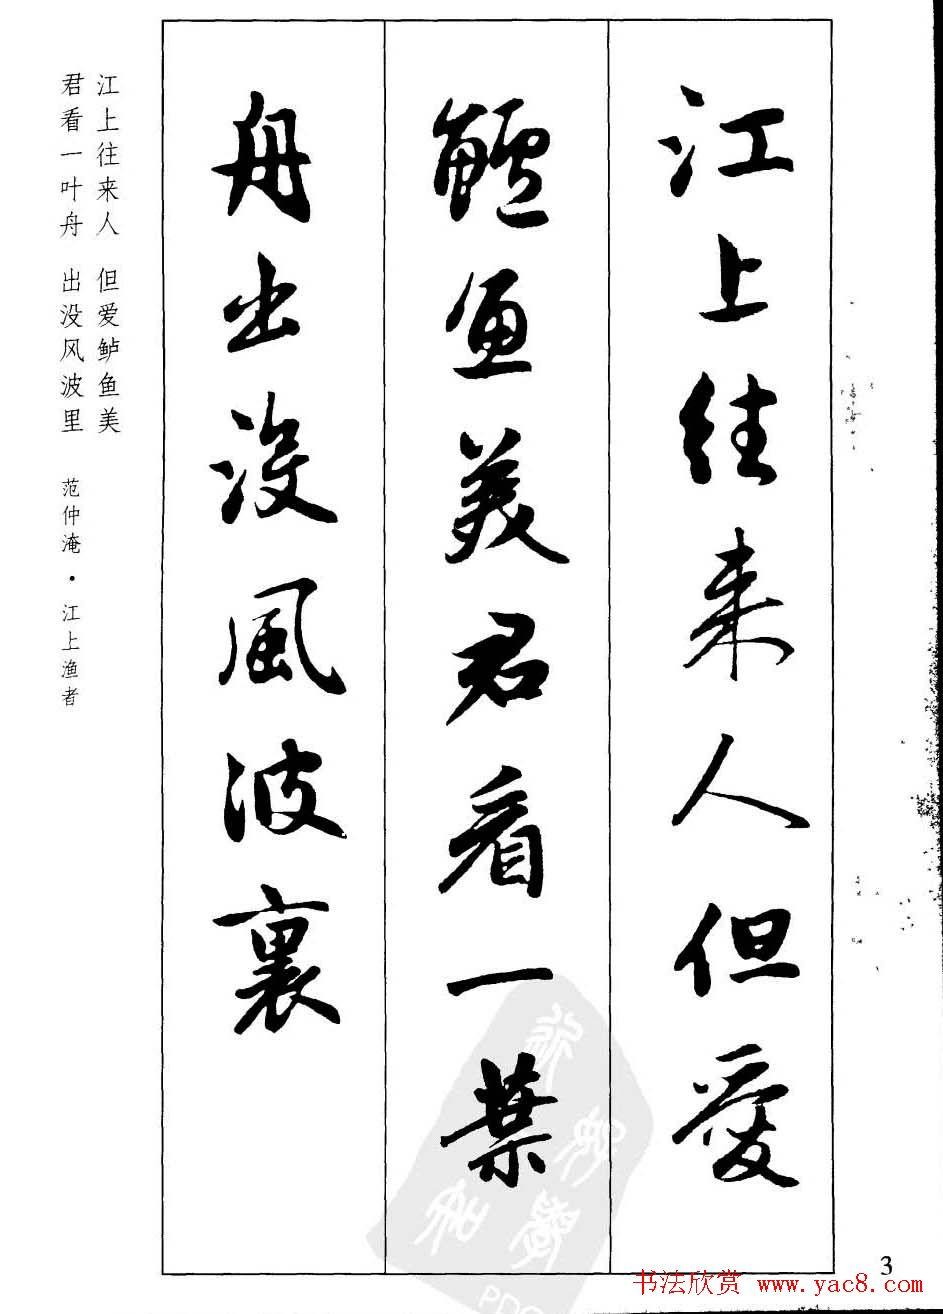 毛笔古诗v毛笔《赵孟行书视频集字墨迹》言字帖清真图片